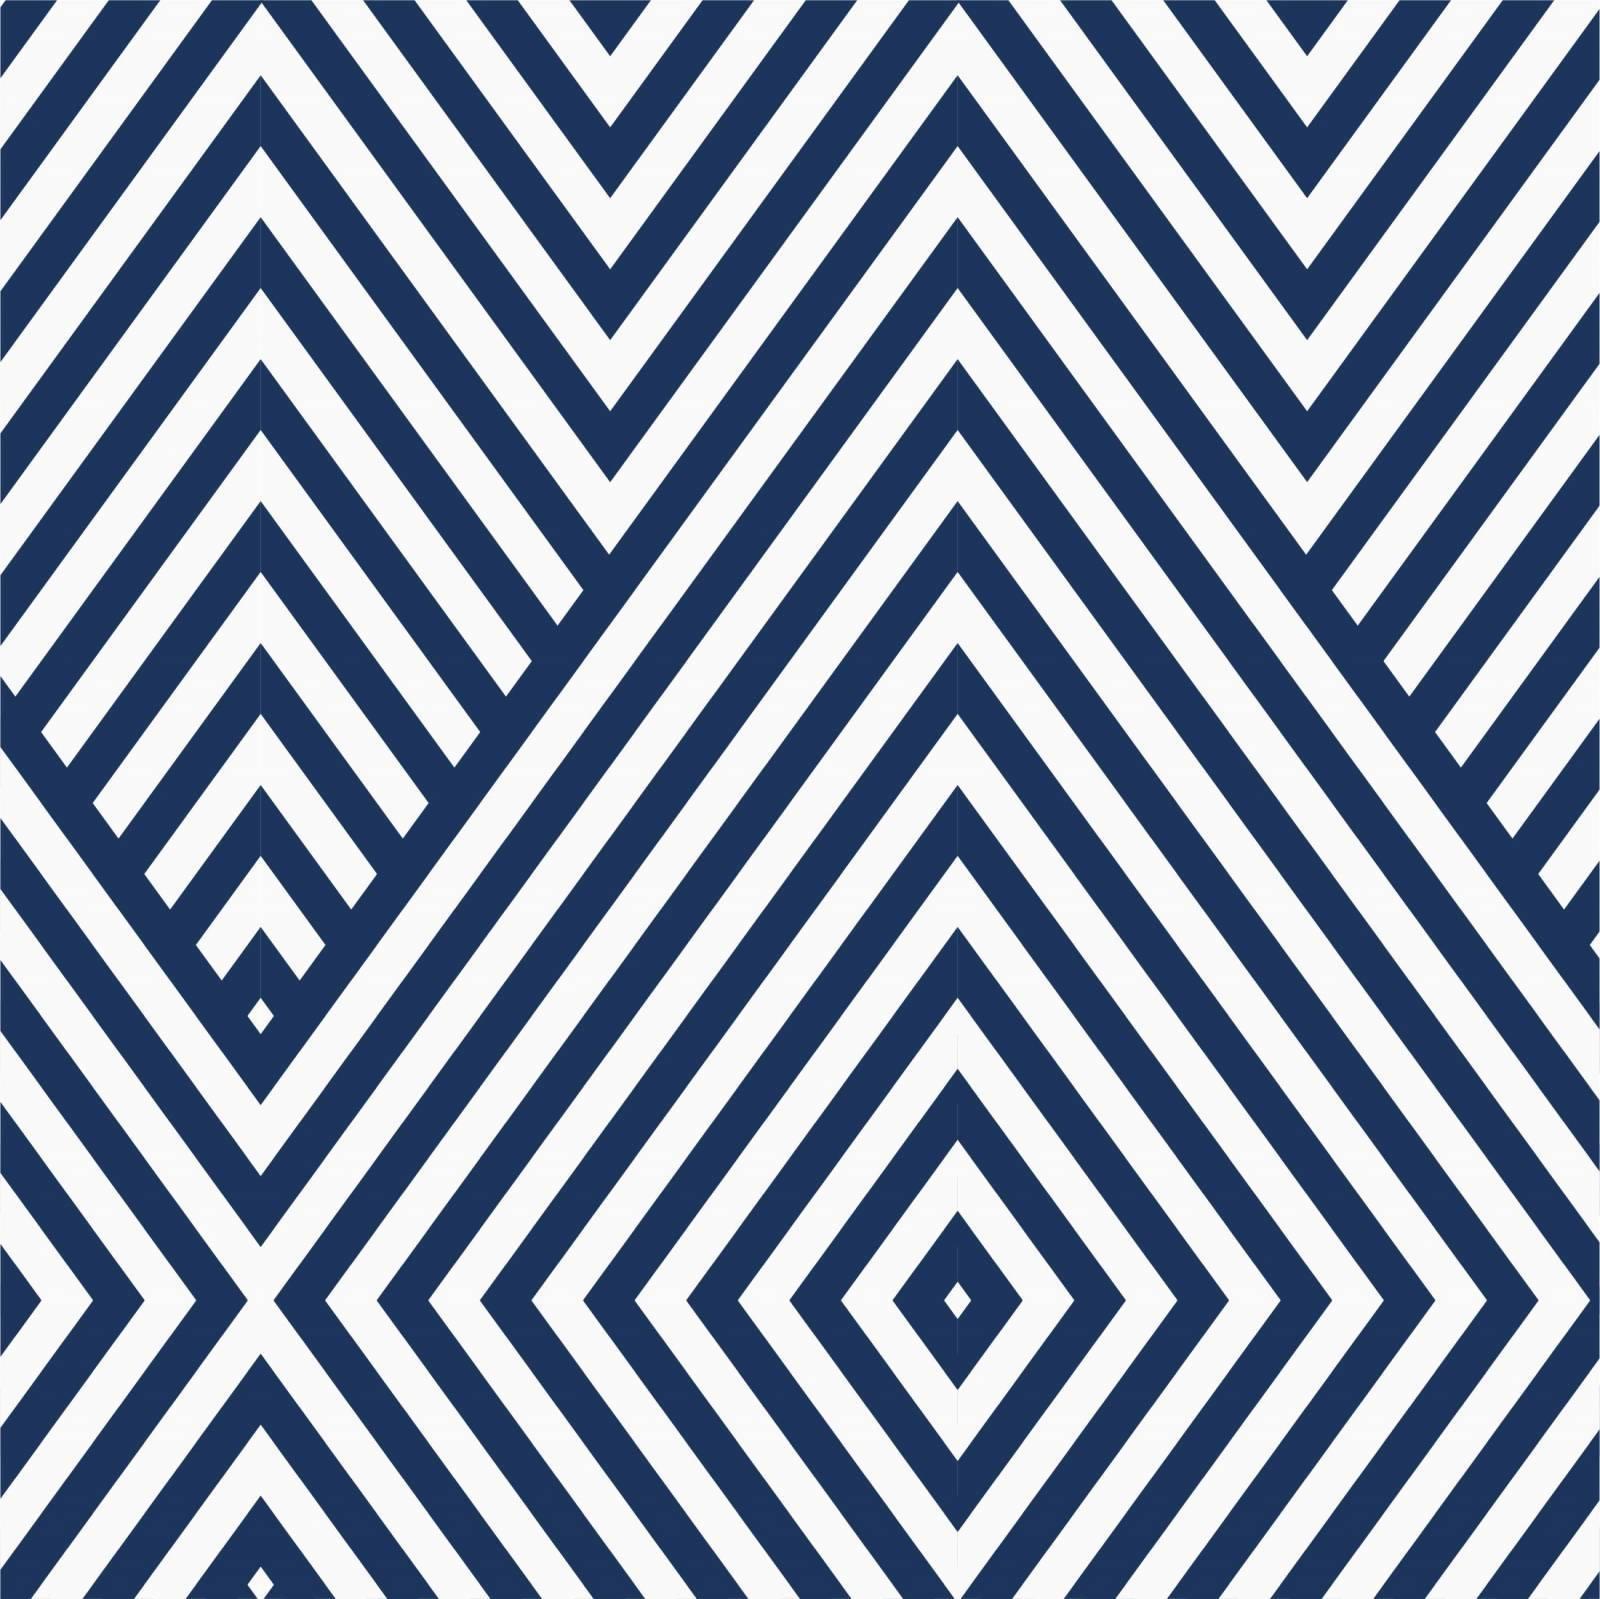 Papel de Parede Geometrico Azul Marinho imagem 1